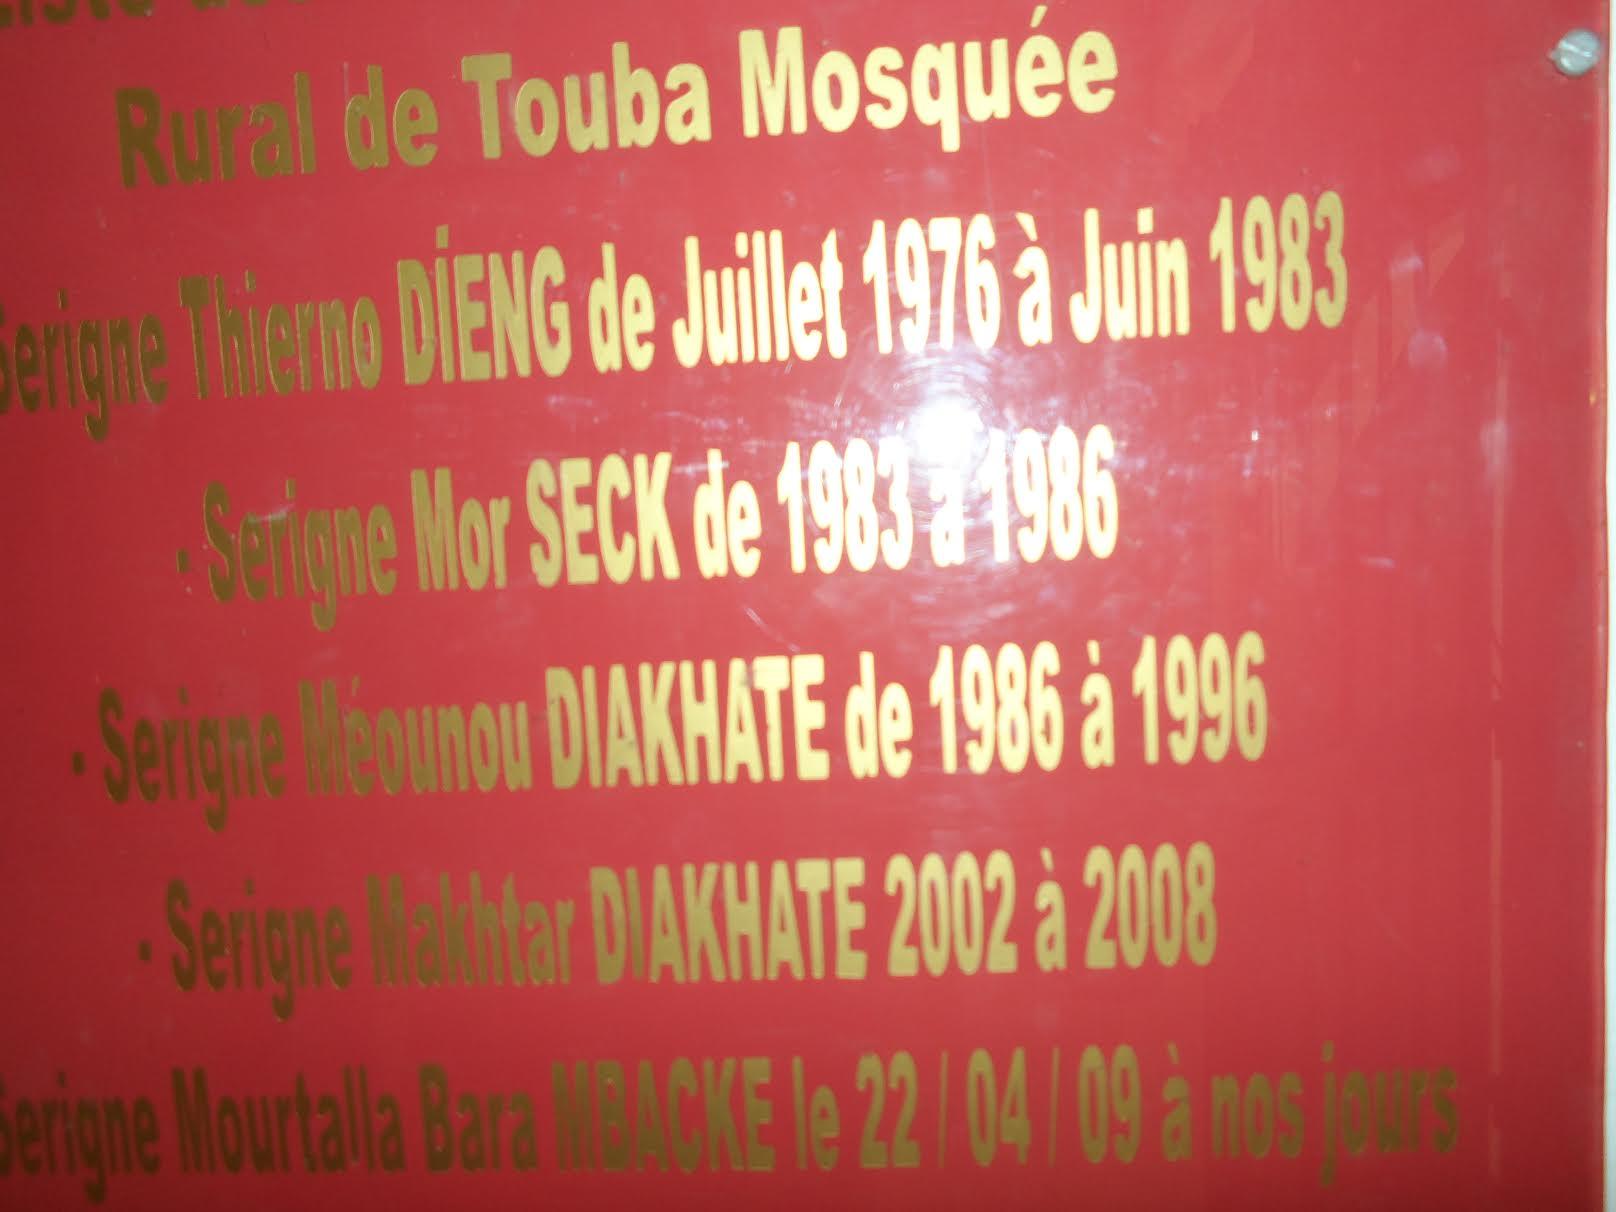 TOUBA - CHEIKH BÉTHIO GOMMÉ DE l'HISTOIRE DE LA COMMUNAUTÉ RURALE - Simple omission ou omission à dessein ?